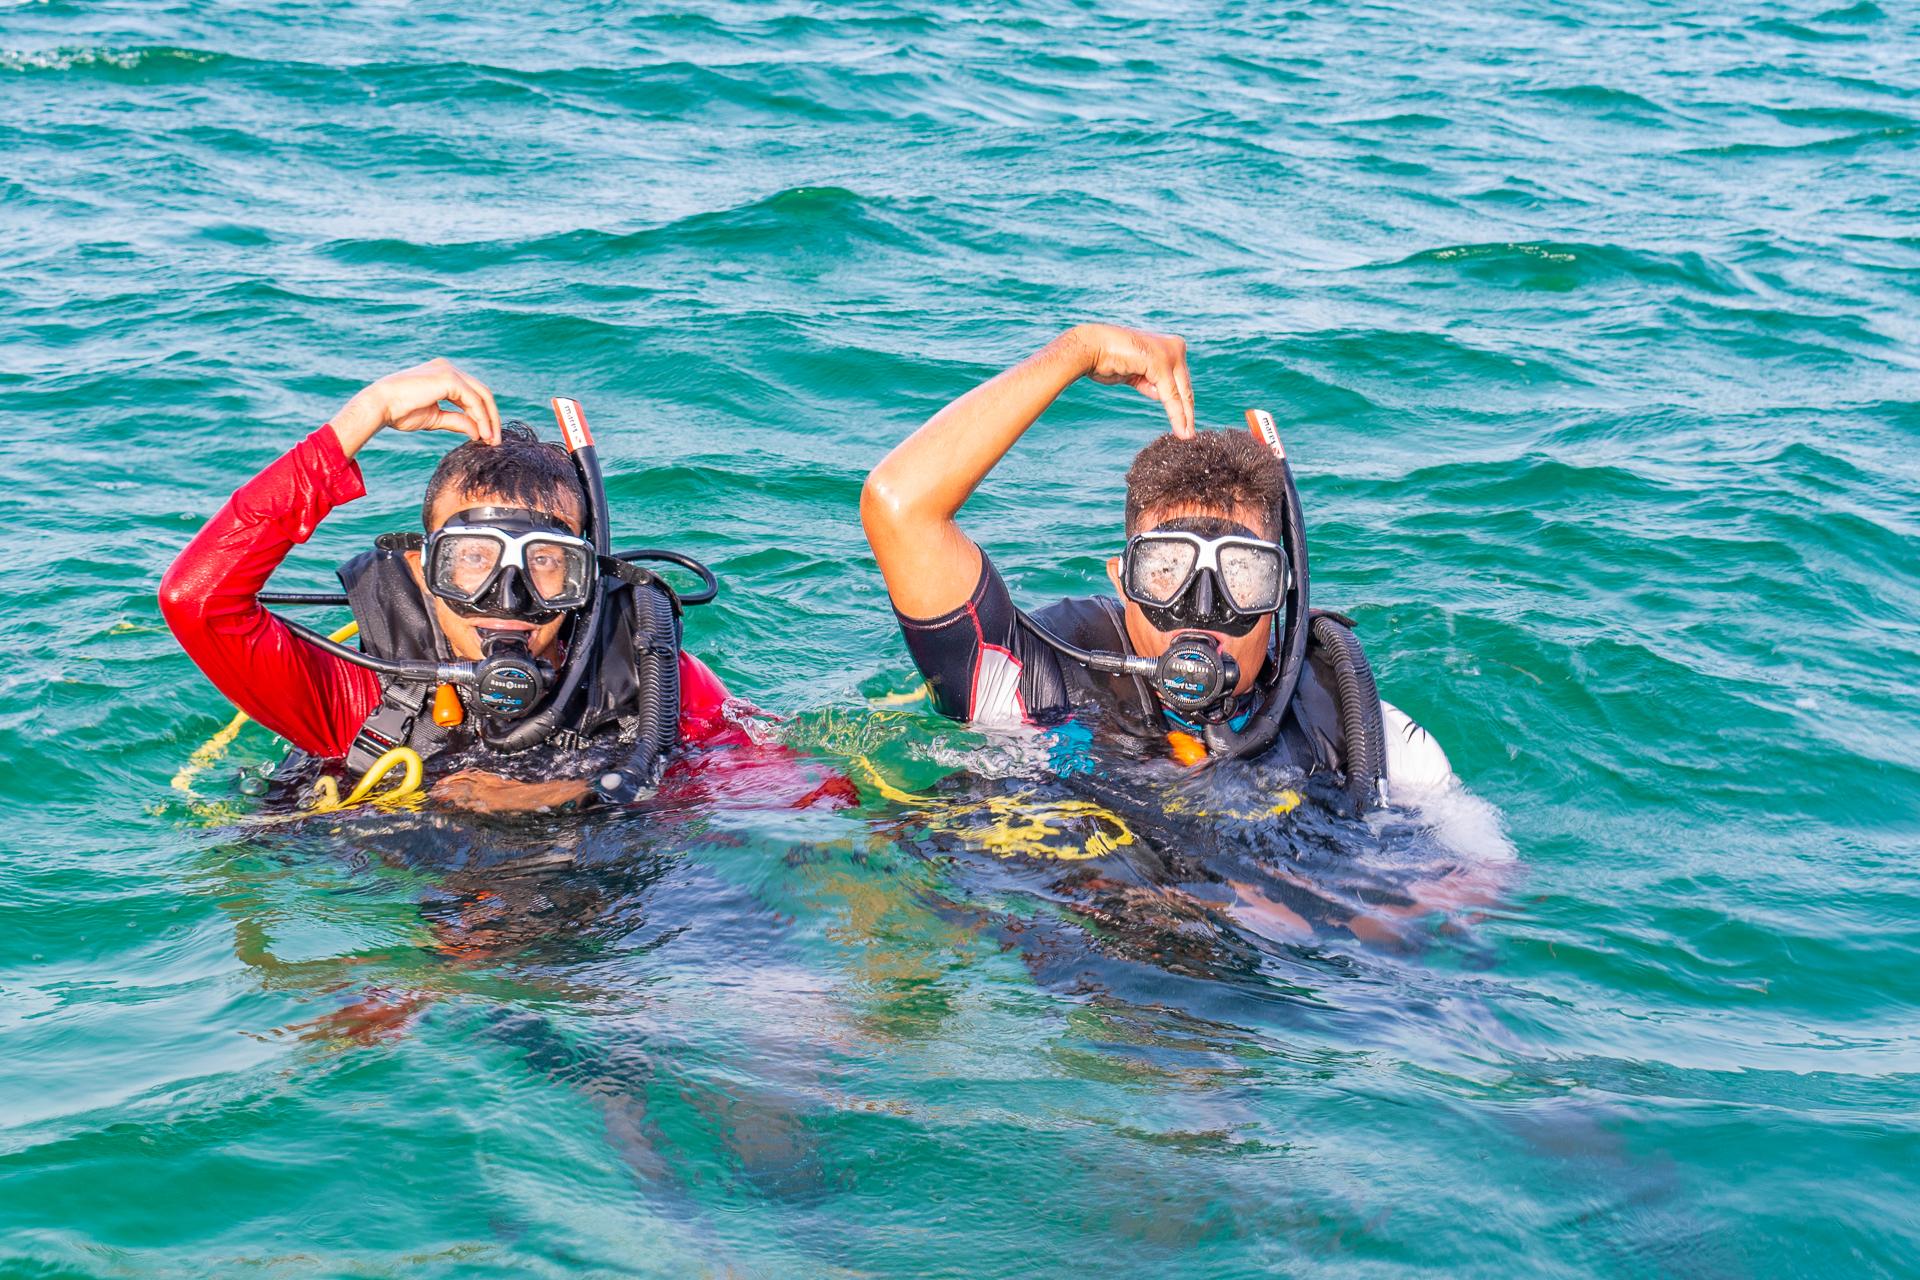 PADI-scuba-lessons Roatan-diving Tortuga-dive-center